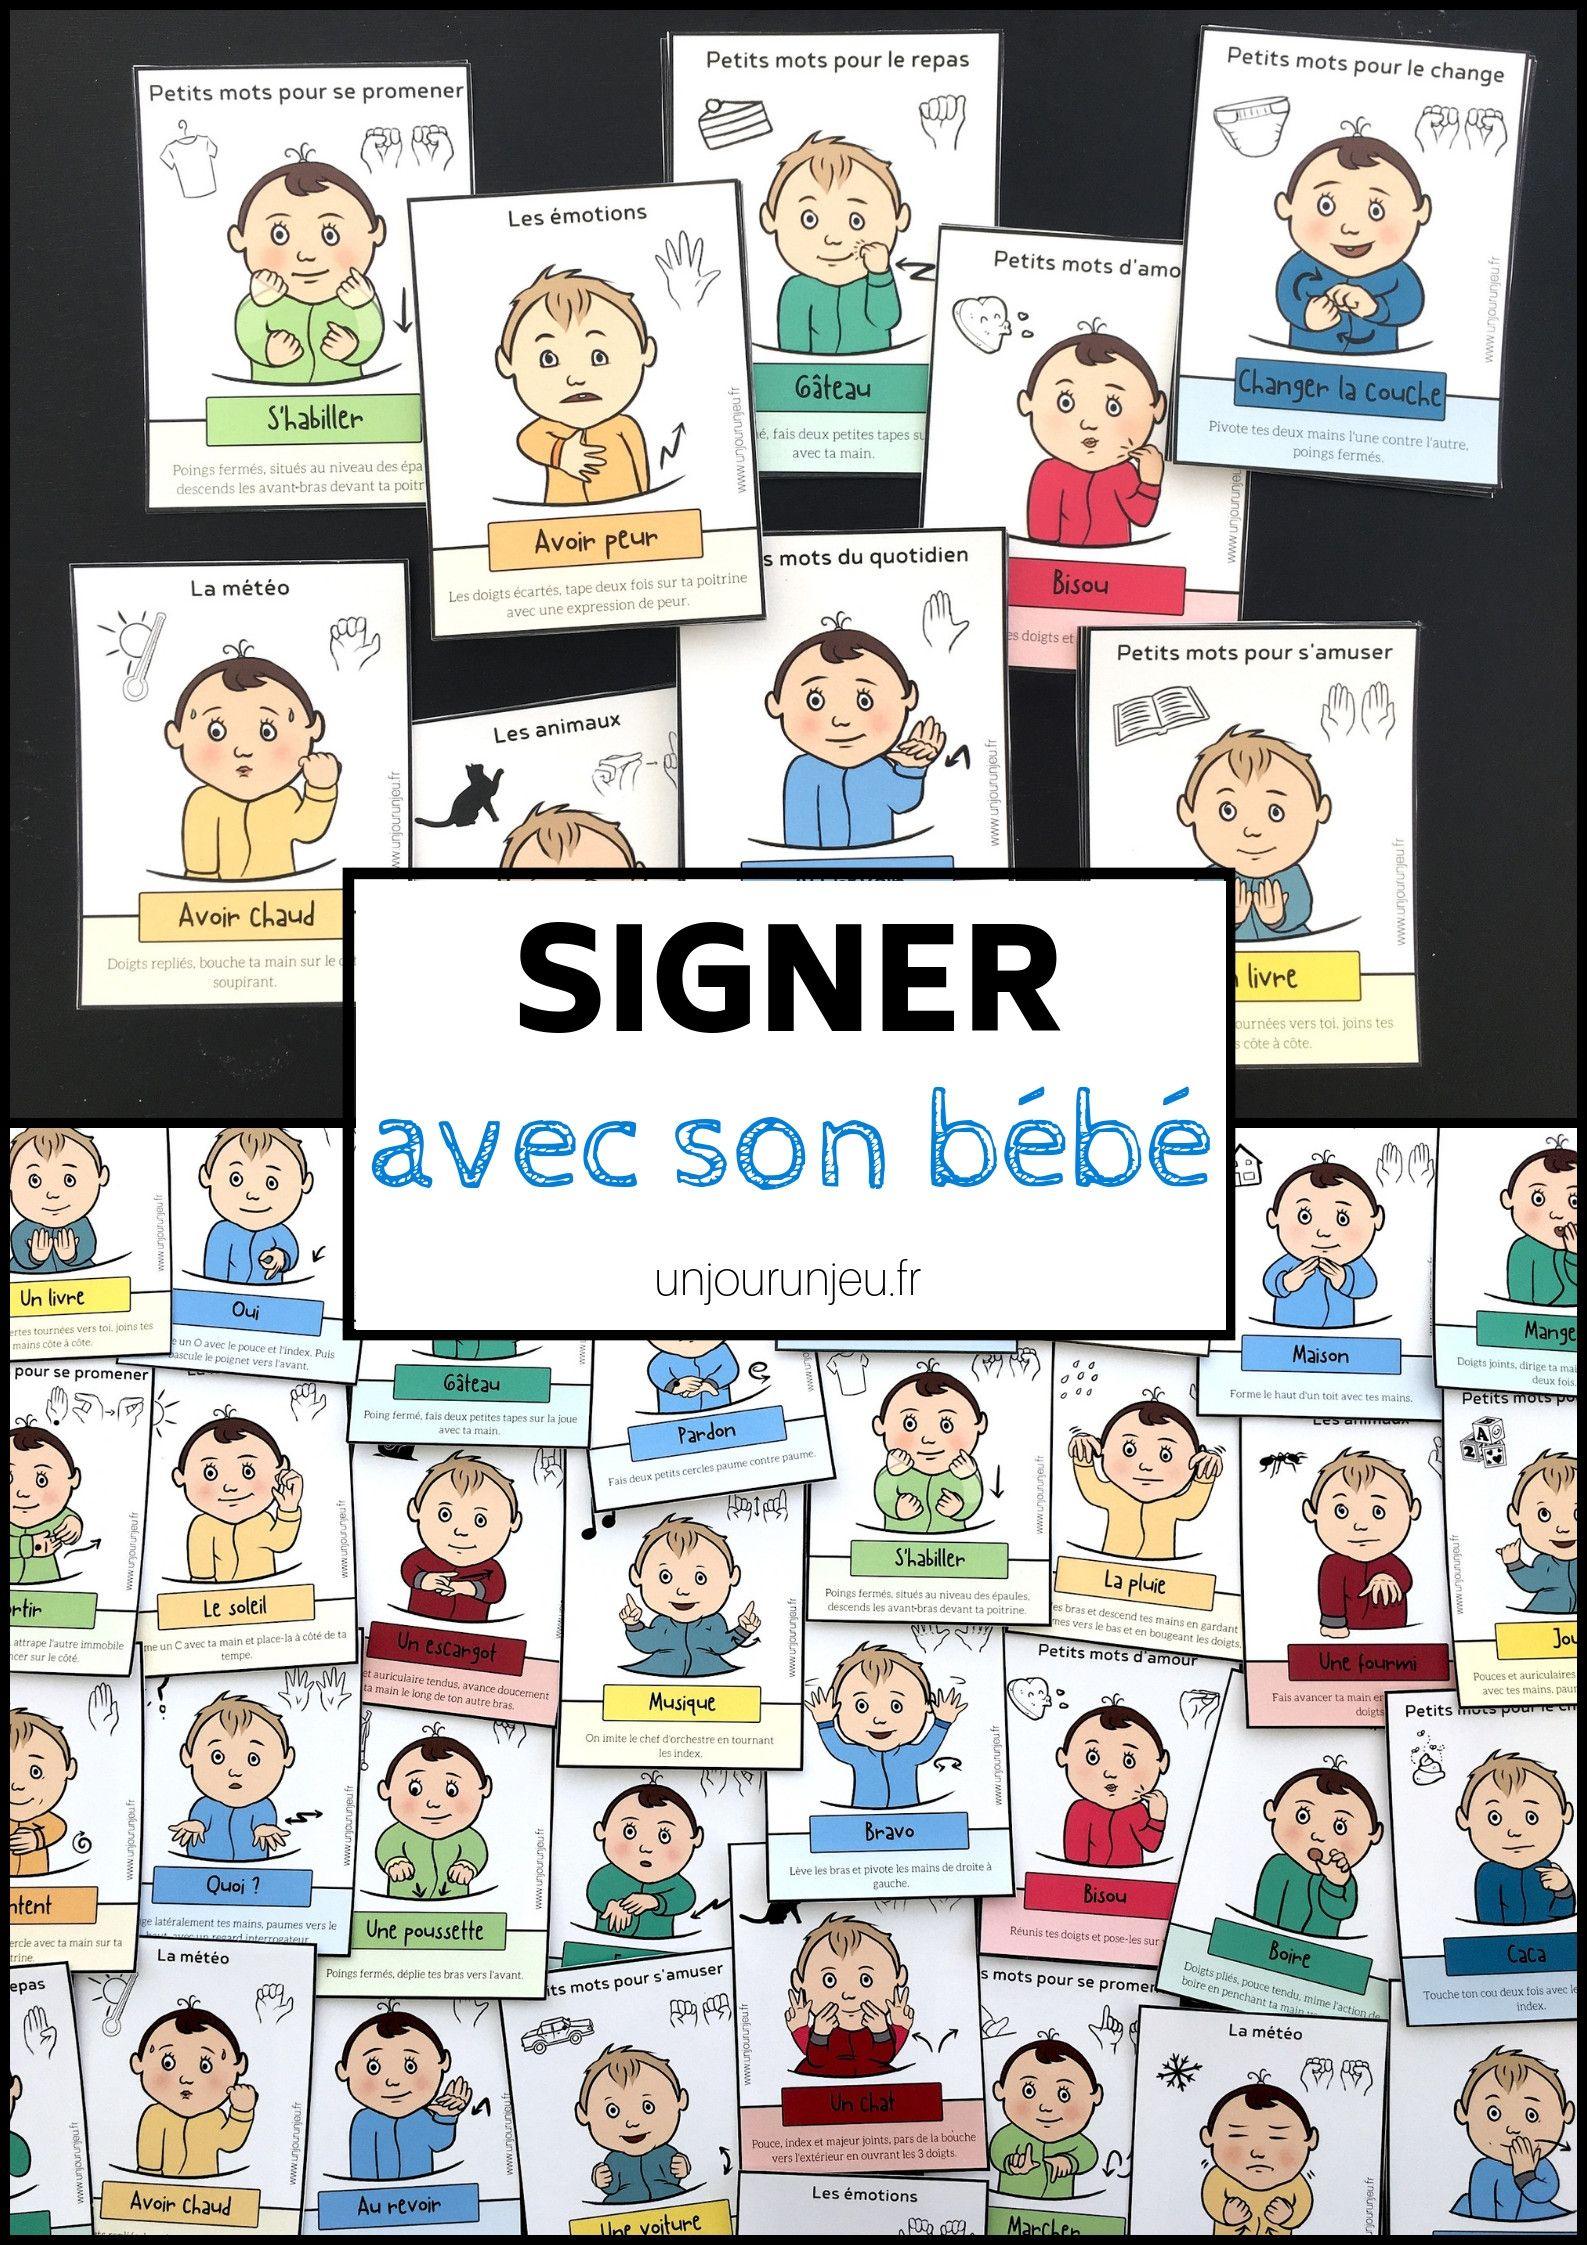 Signer Avec Son Bébé : 52 Cartes À Télécharger Gratuitement tout Jeux Bébé 2 Ans Gratuit A Telecharger